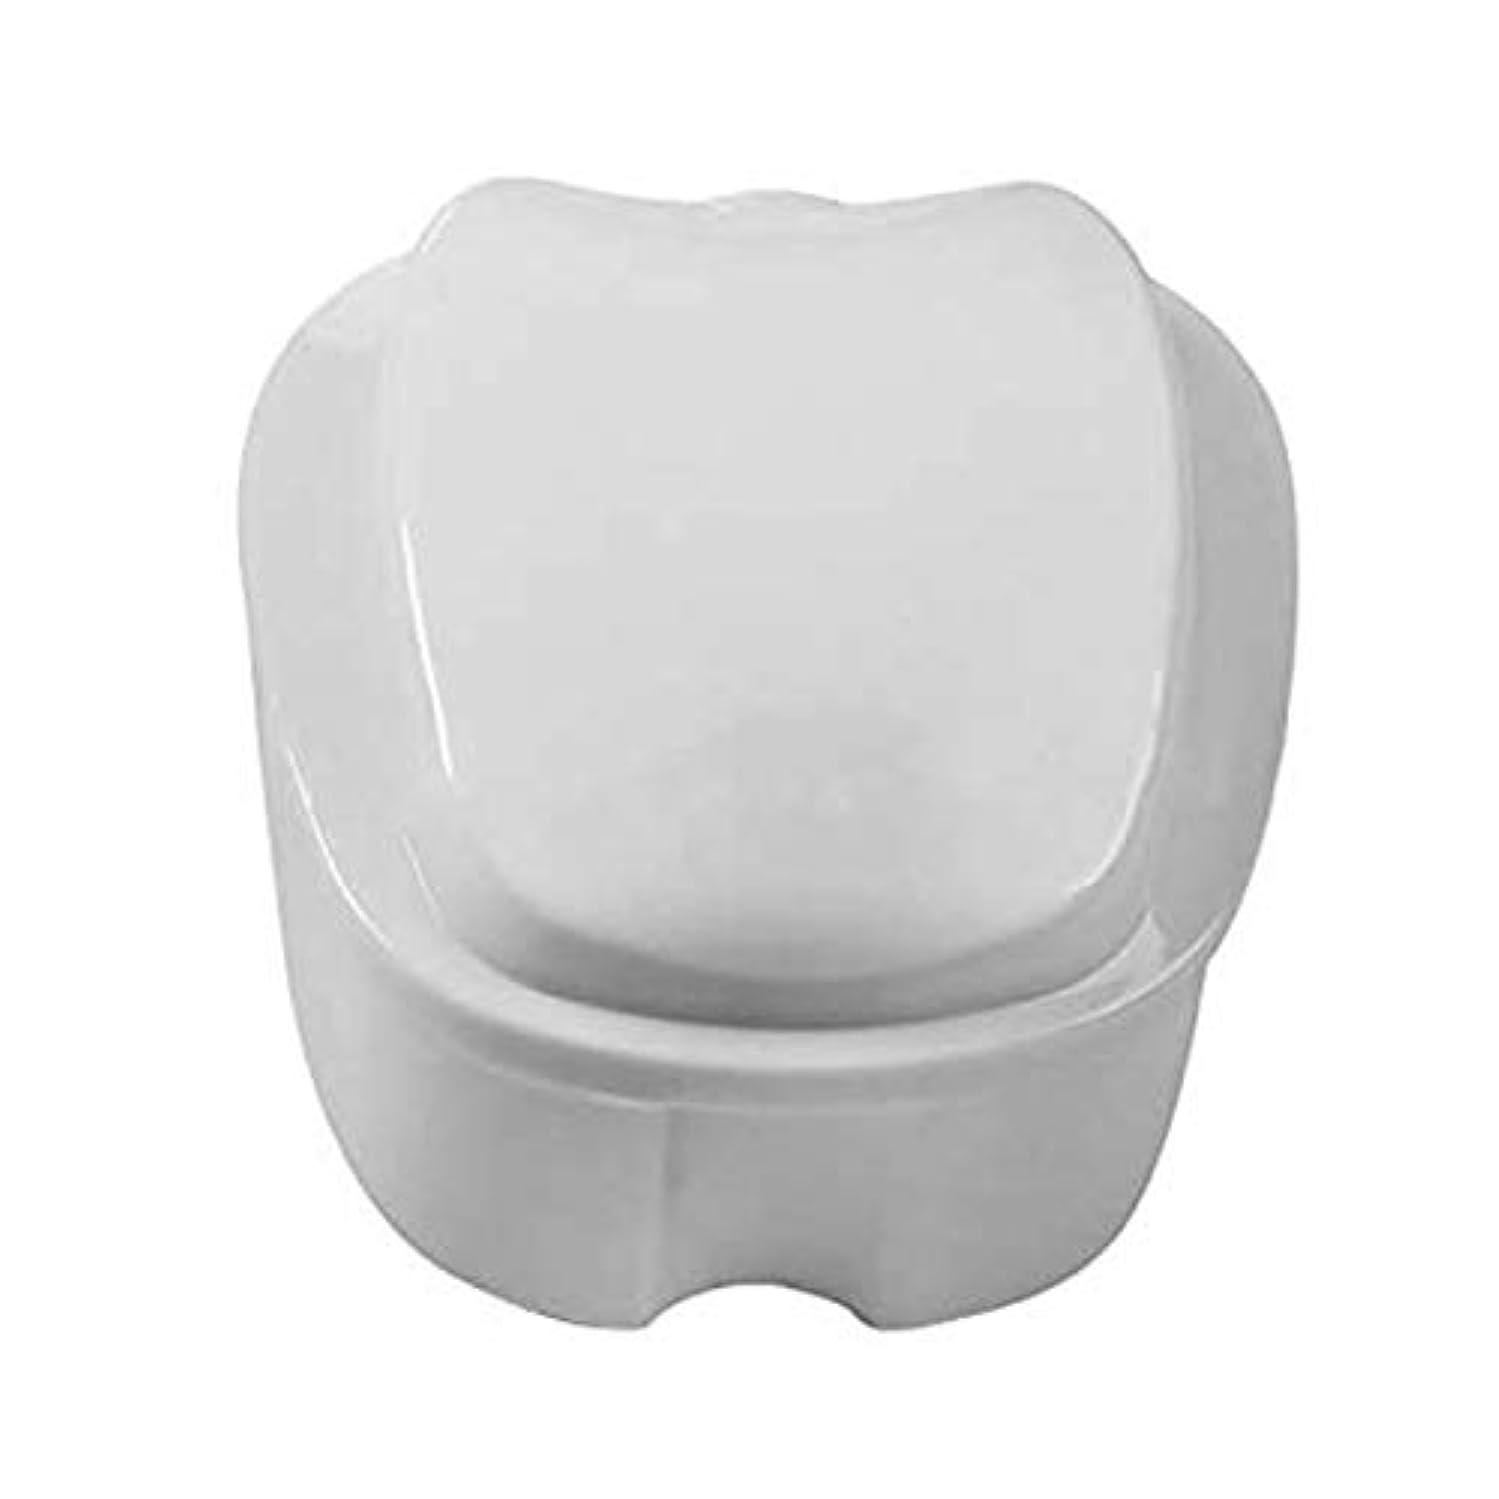 ある禁輸病者CoiTek 入れ歯 ケース 義歯容器 家庭旅行用 ストレーナー付き(ホワイト)